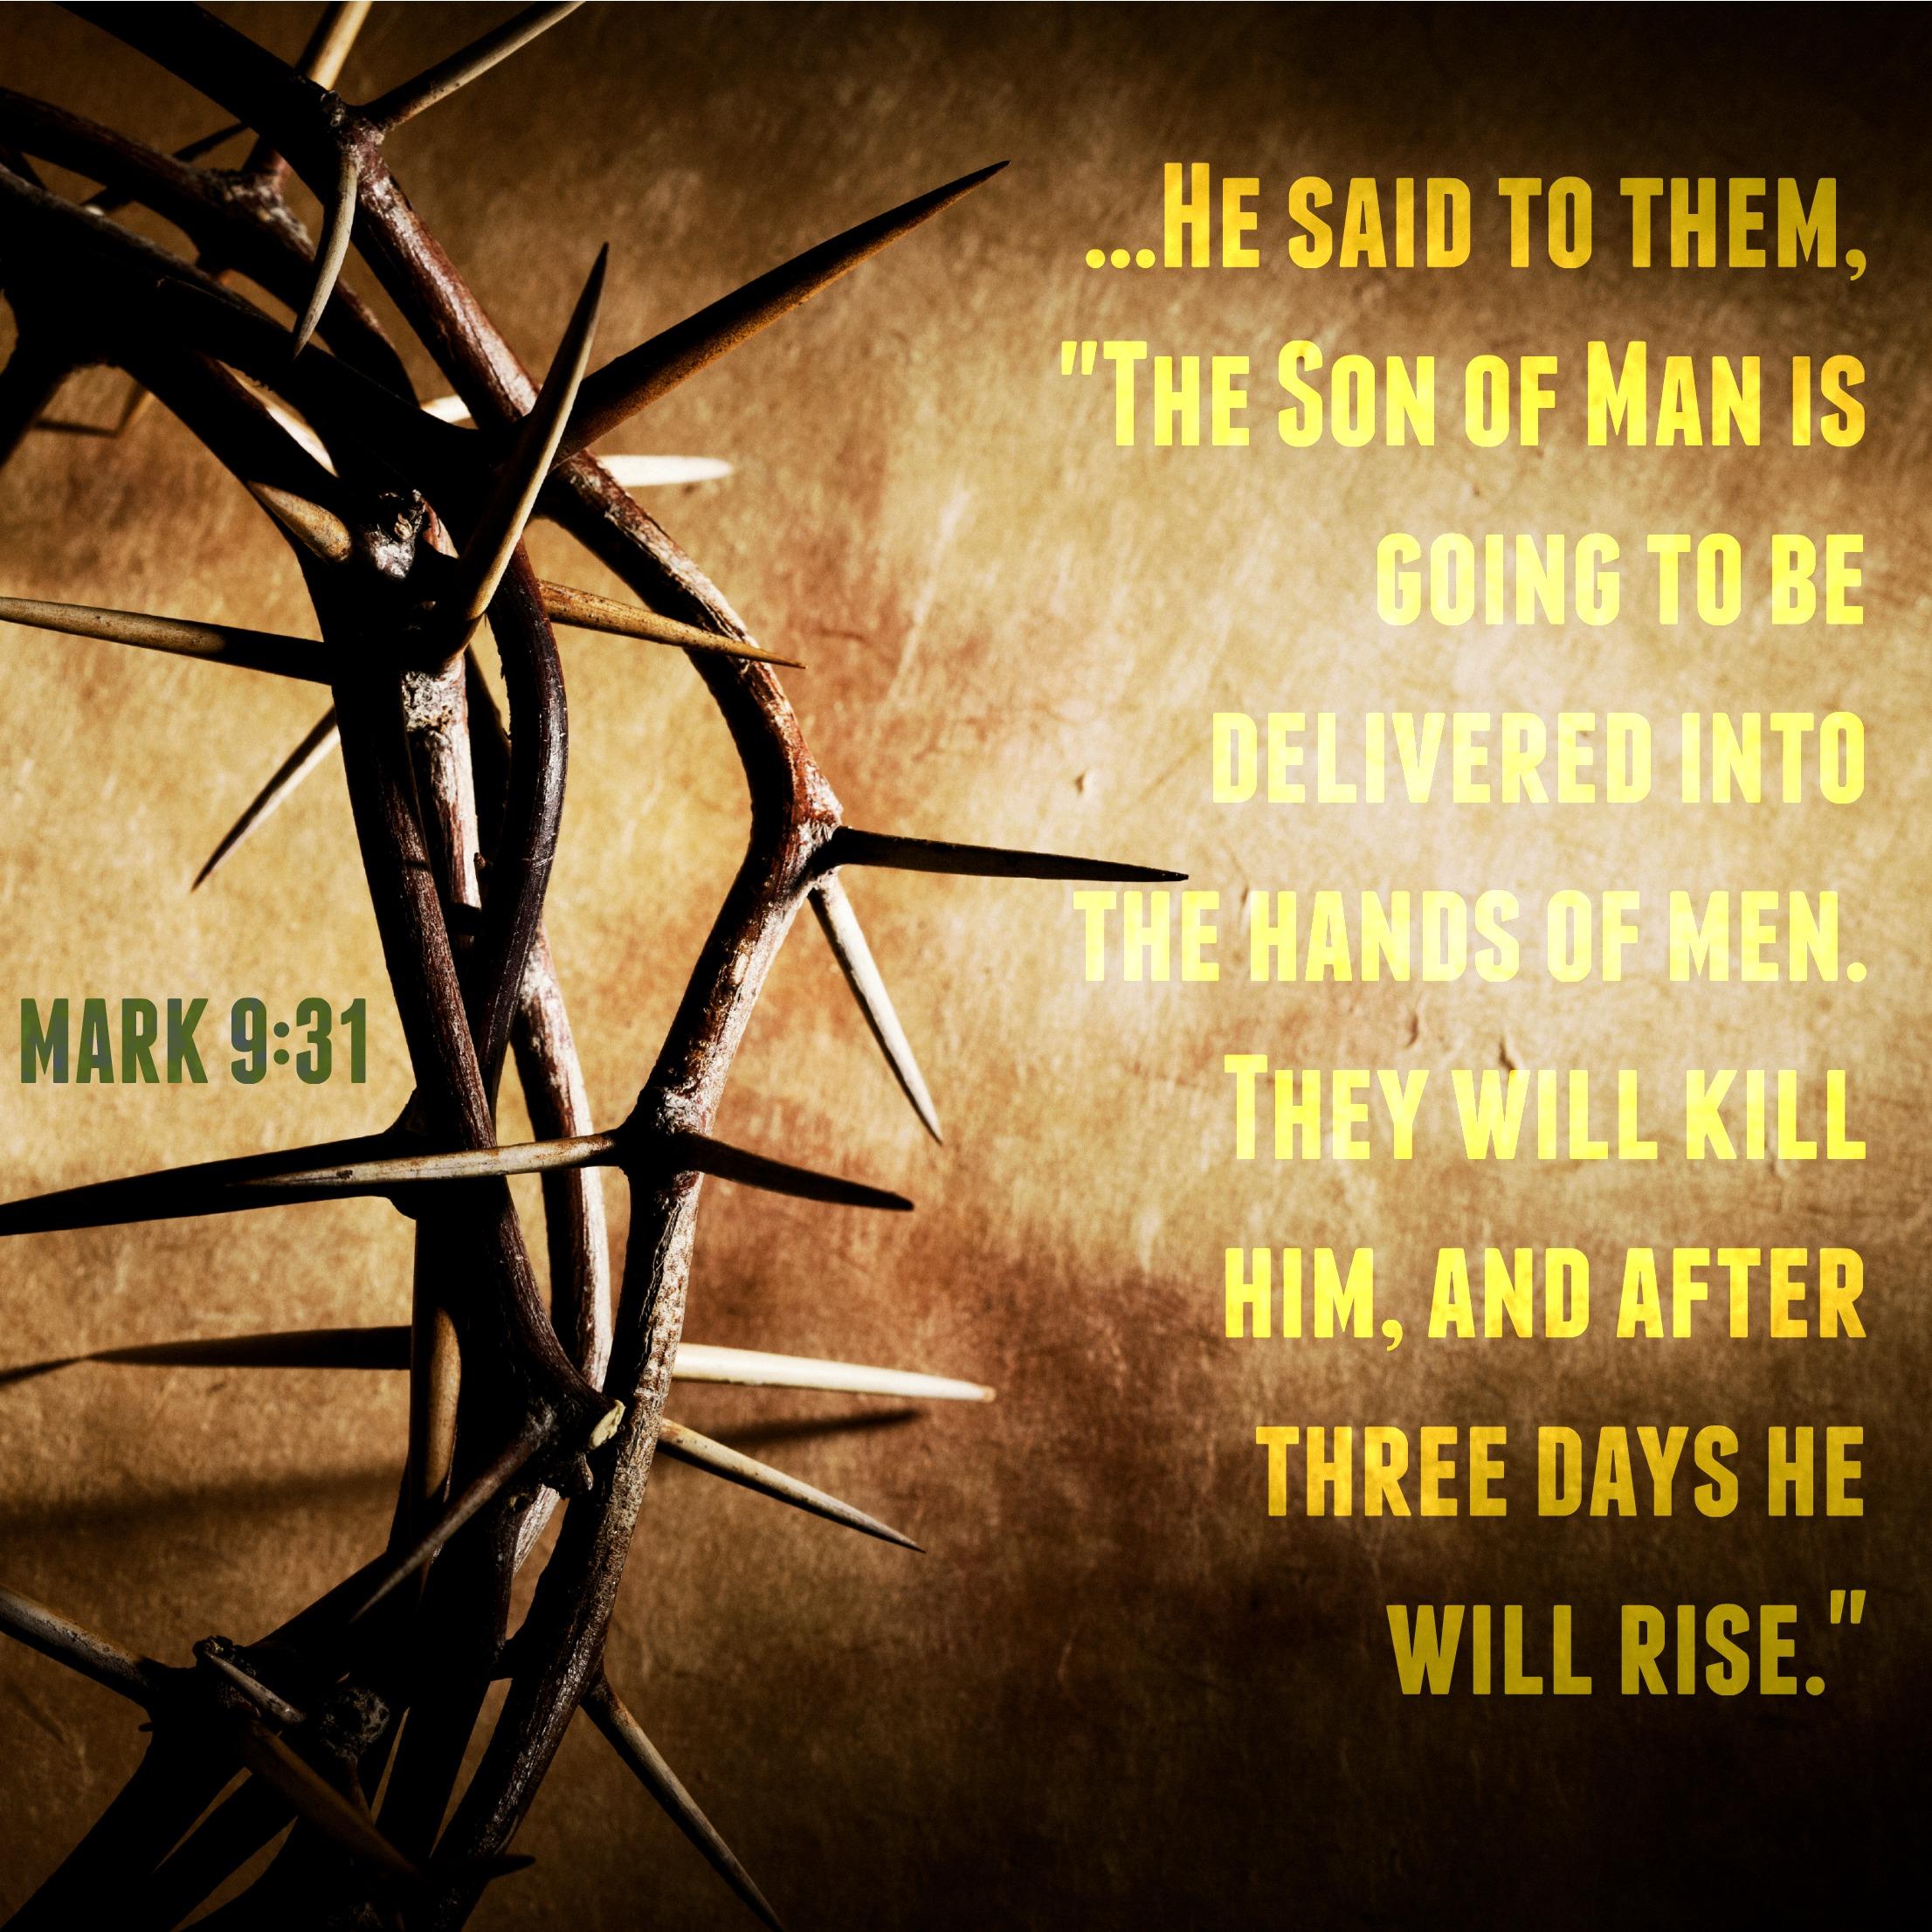 Kuvahaun tulos haulle Mark 9:31